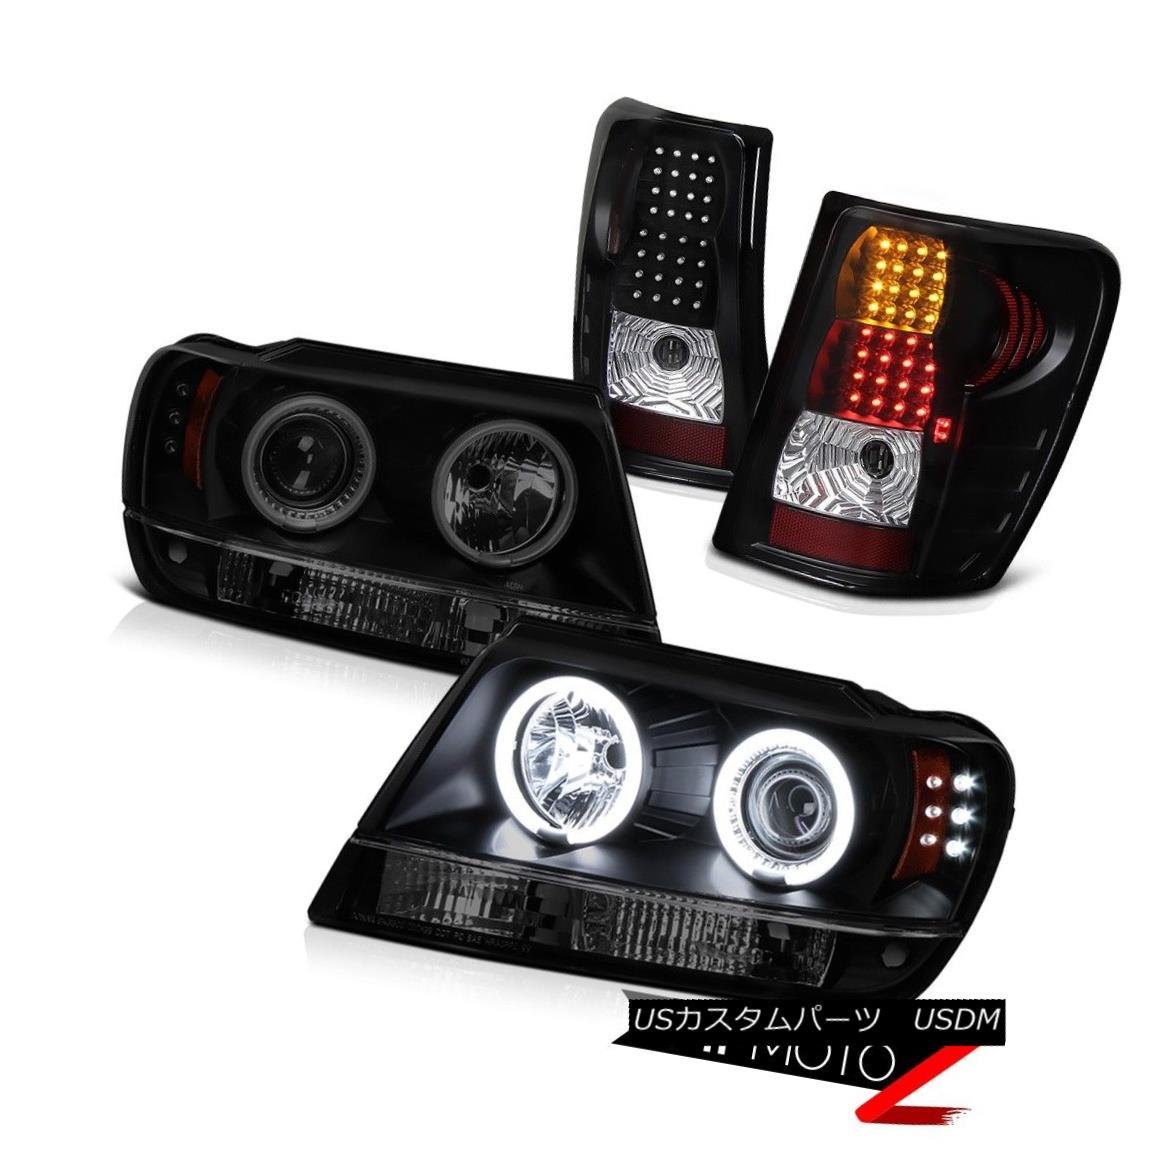 ヘッドライト 99-03 Grand Cherokee Daytime Running CCFL Halo Headlight Signal Brake Tail Lamp 99-03グランドチェロキー昼間CCFLハローヘッドライト信号ブレーキテールランプ